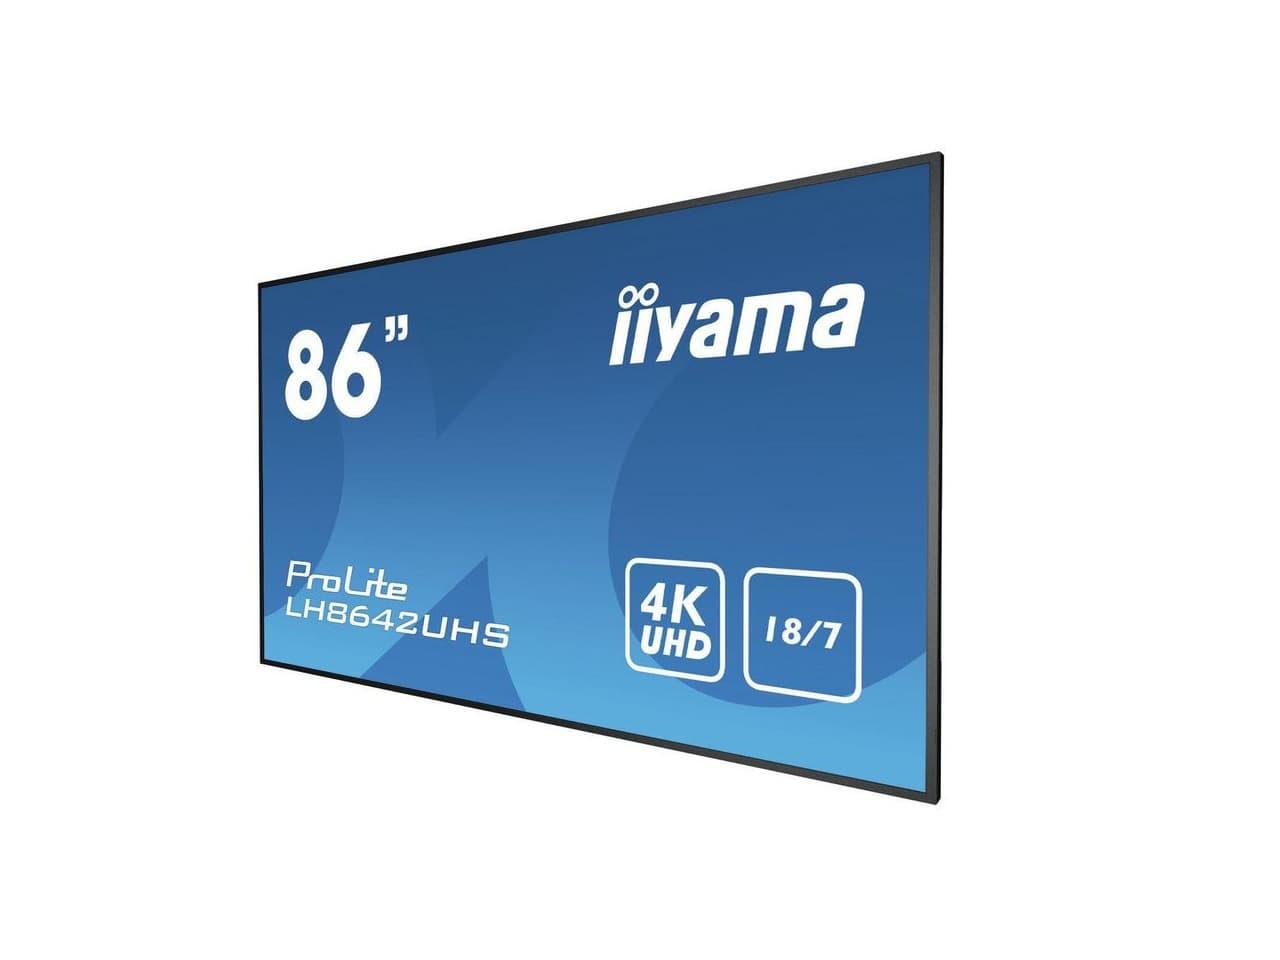 """18/7 digital signage kijelző, 86"""" megjelenítő"""